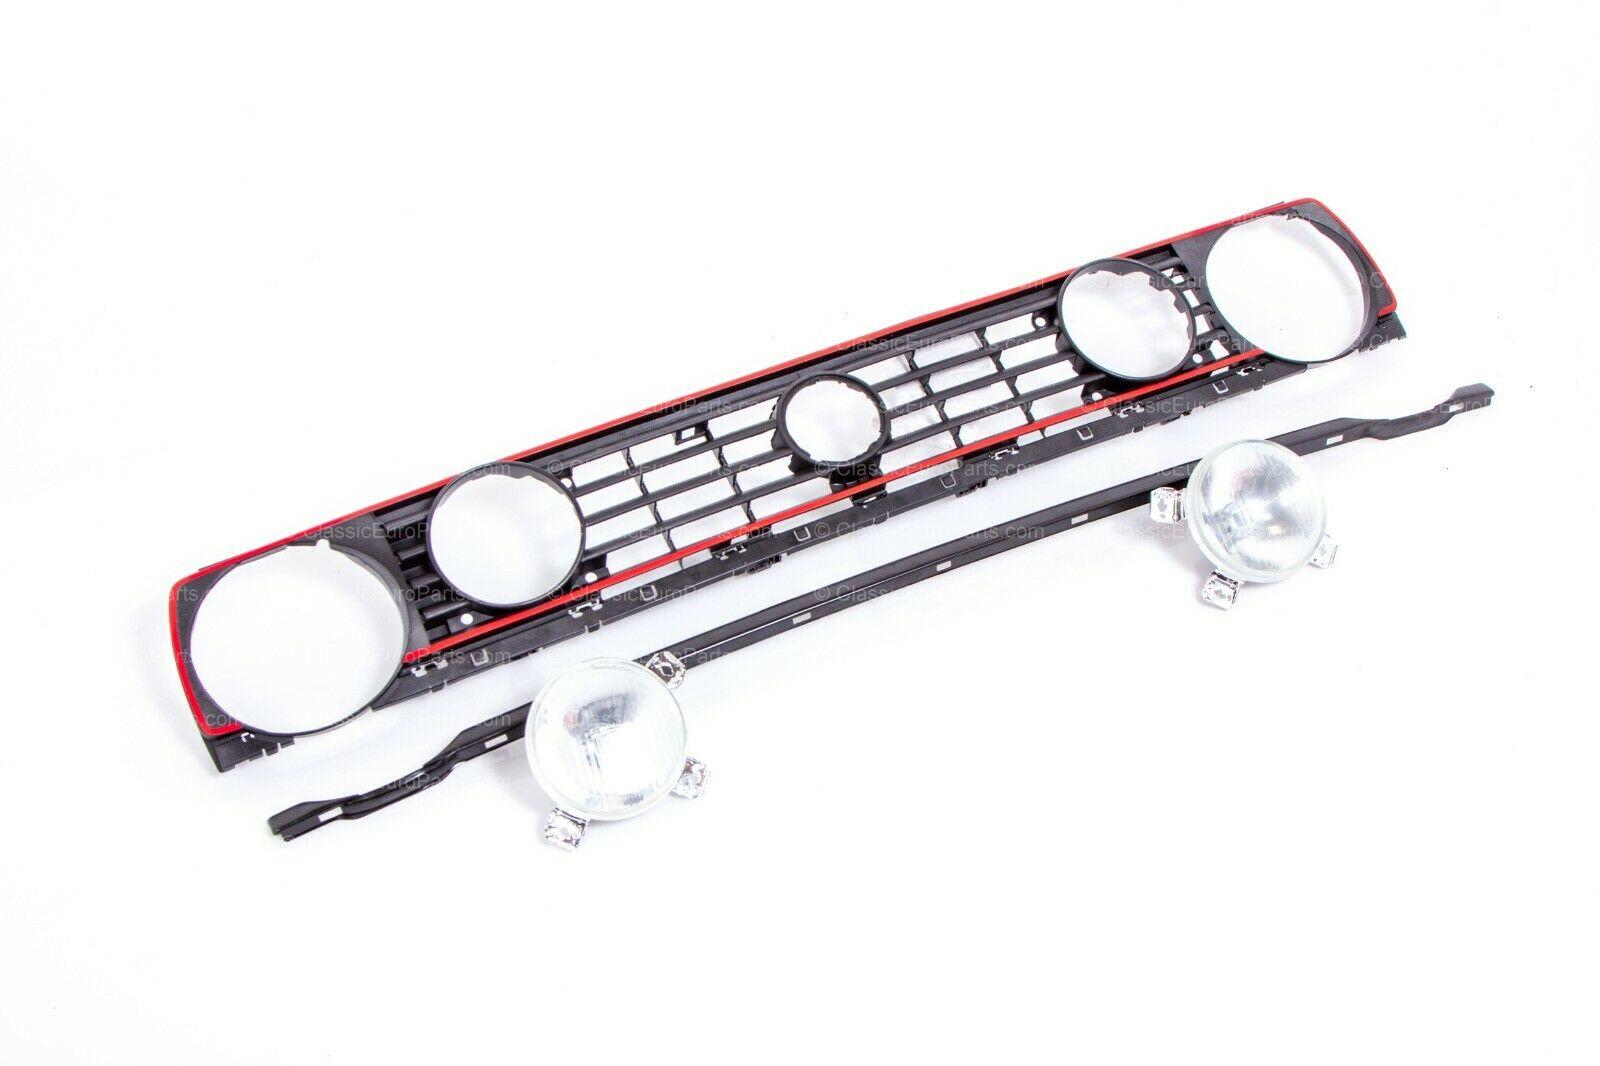 vw golf    rabbit mk2 euro gti quad headlight grill